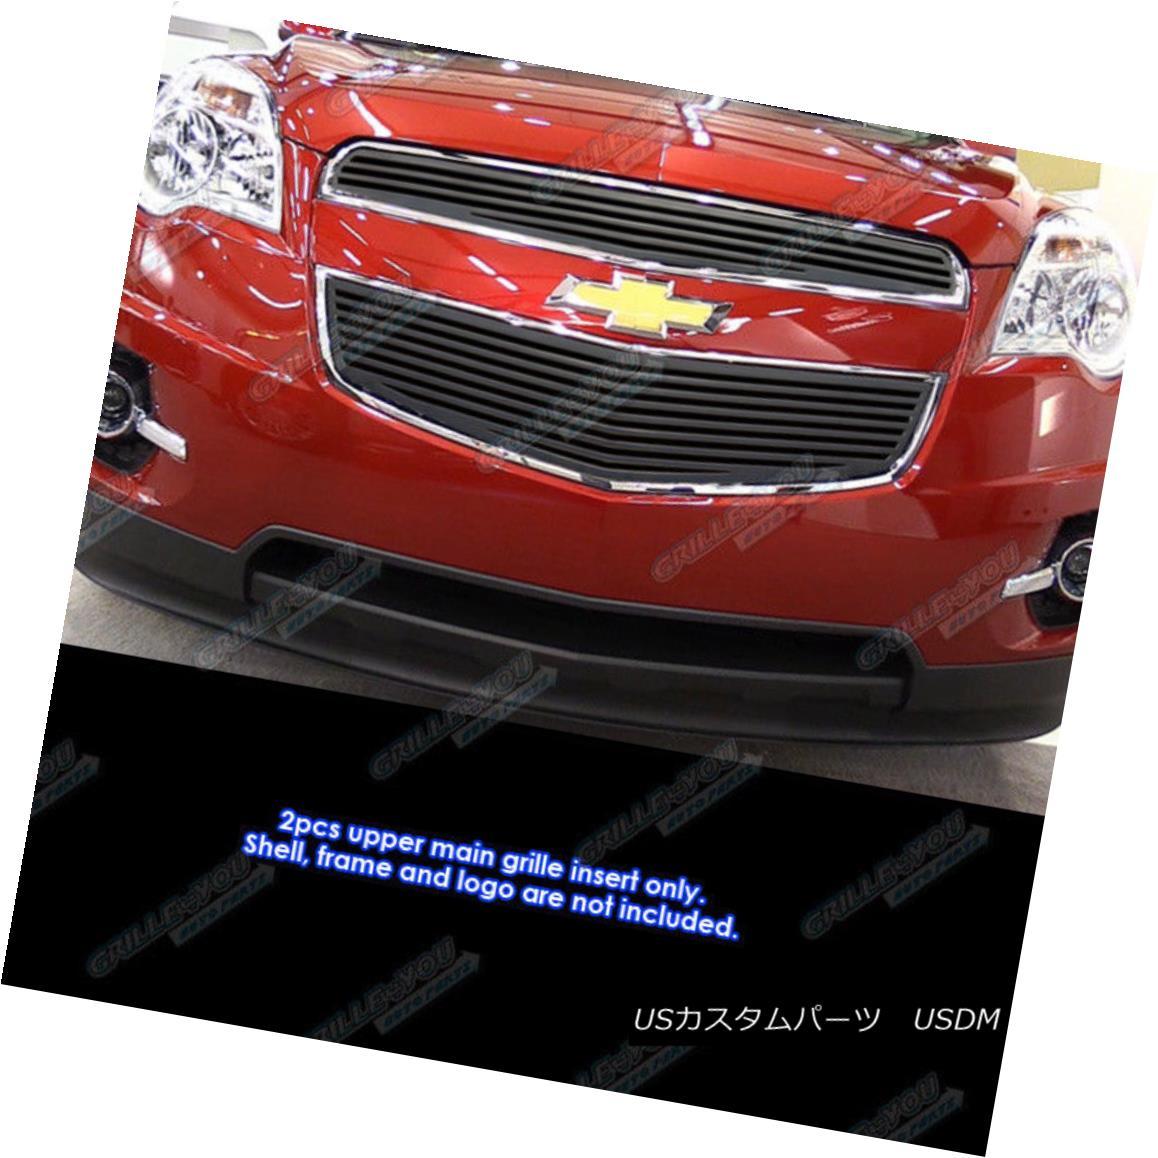 グリル For 2010-2015 Chevy Equinox Black CNC Machine Cut Perimeter Grille Insert 2010-2015シボレーエクイノックスブラックCNCマシンカットペリメーターグリルインサート用